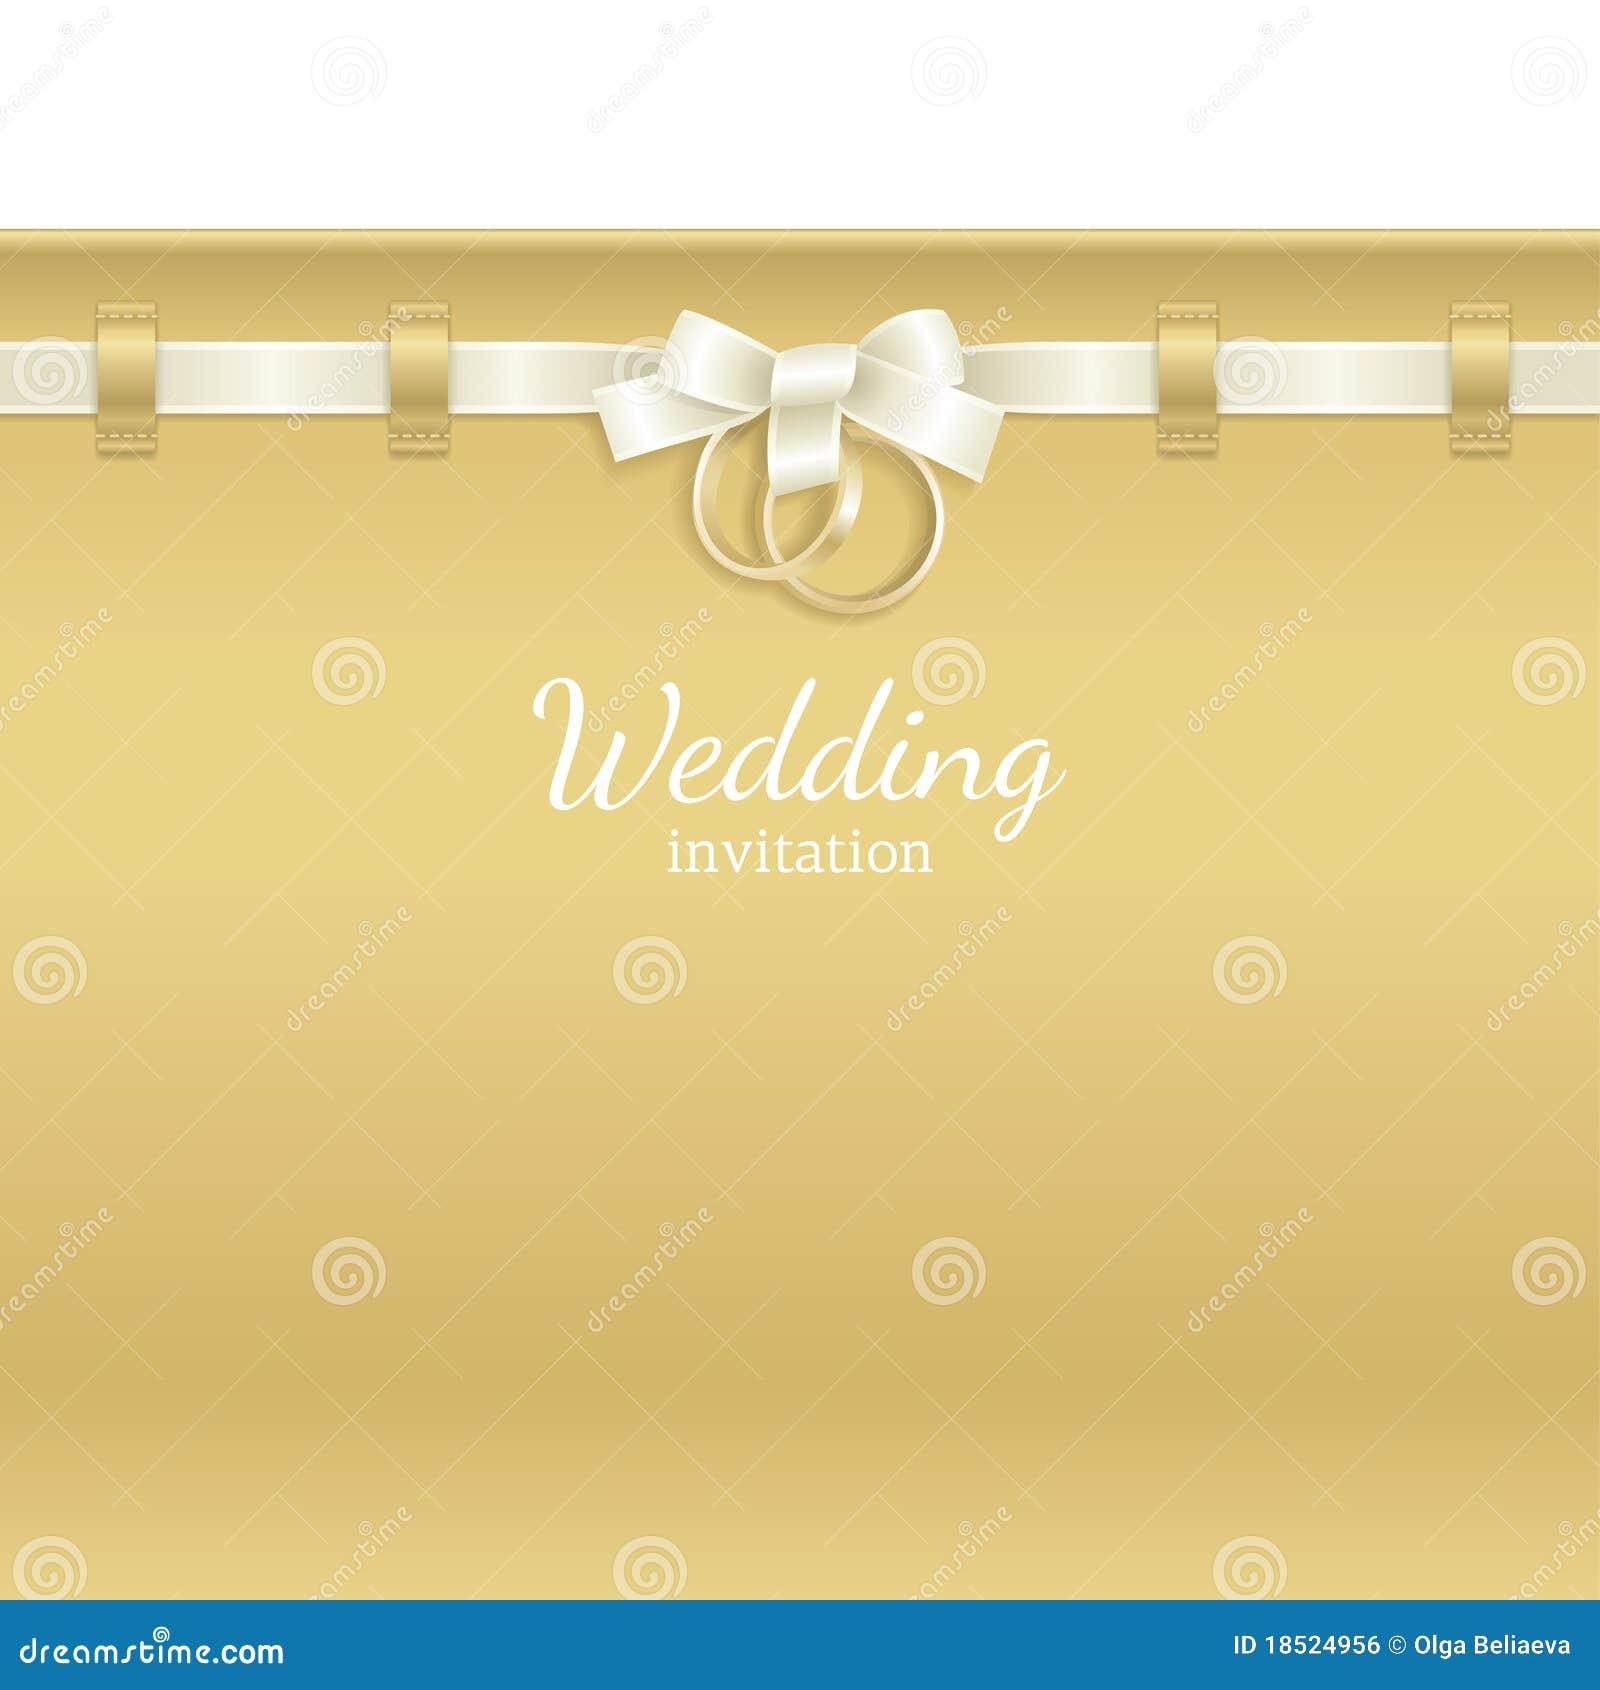 Wedding header background